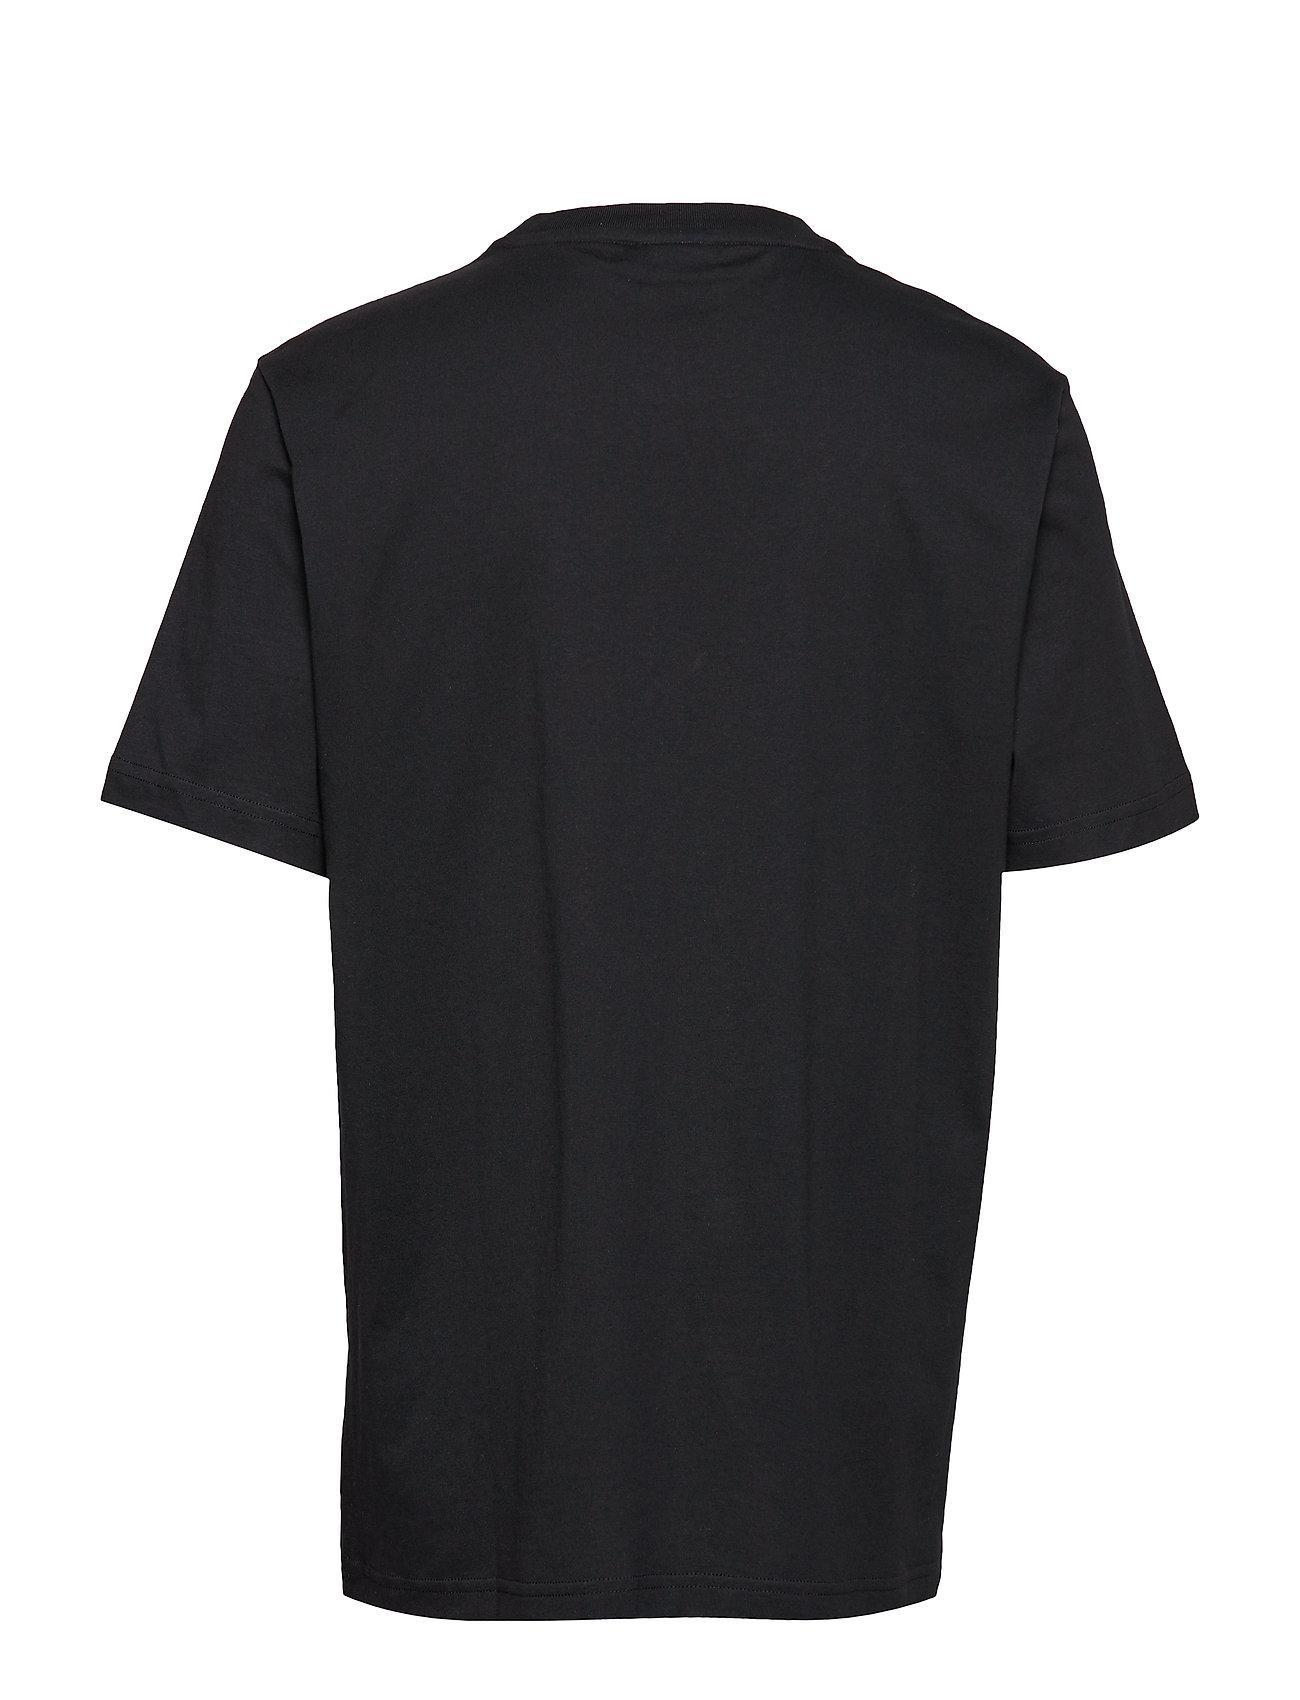 BlackCalvin Klein Tcalvin Cotton Logo Front 5cR3S4LjAq